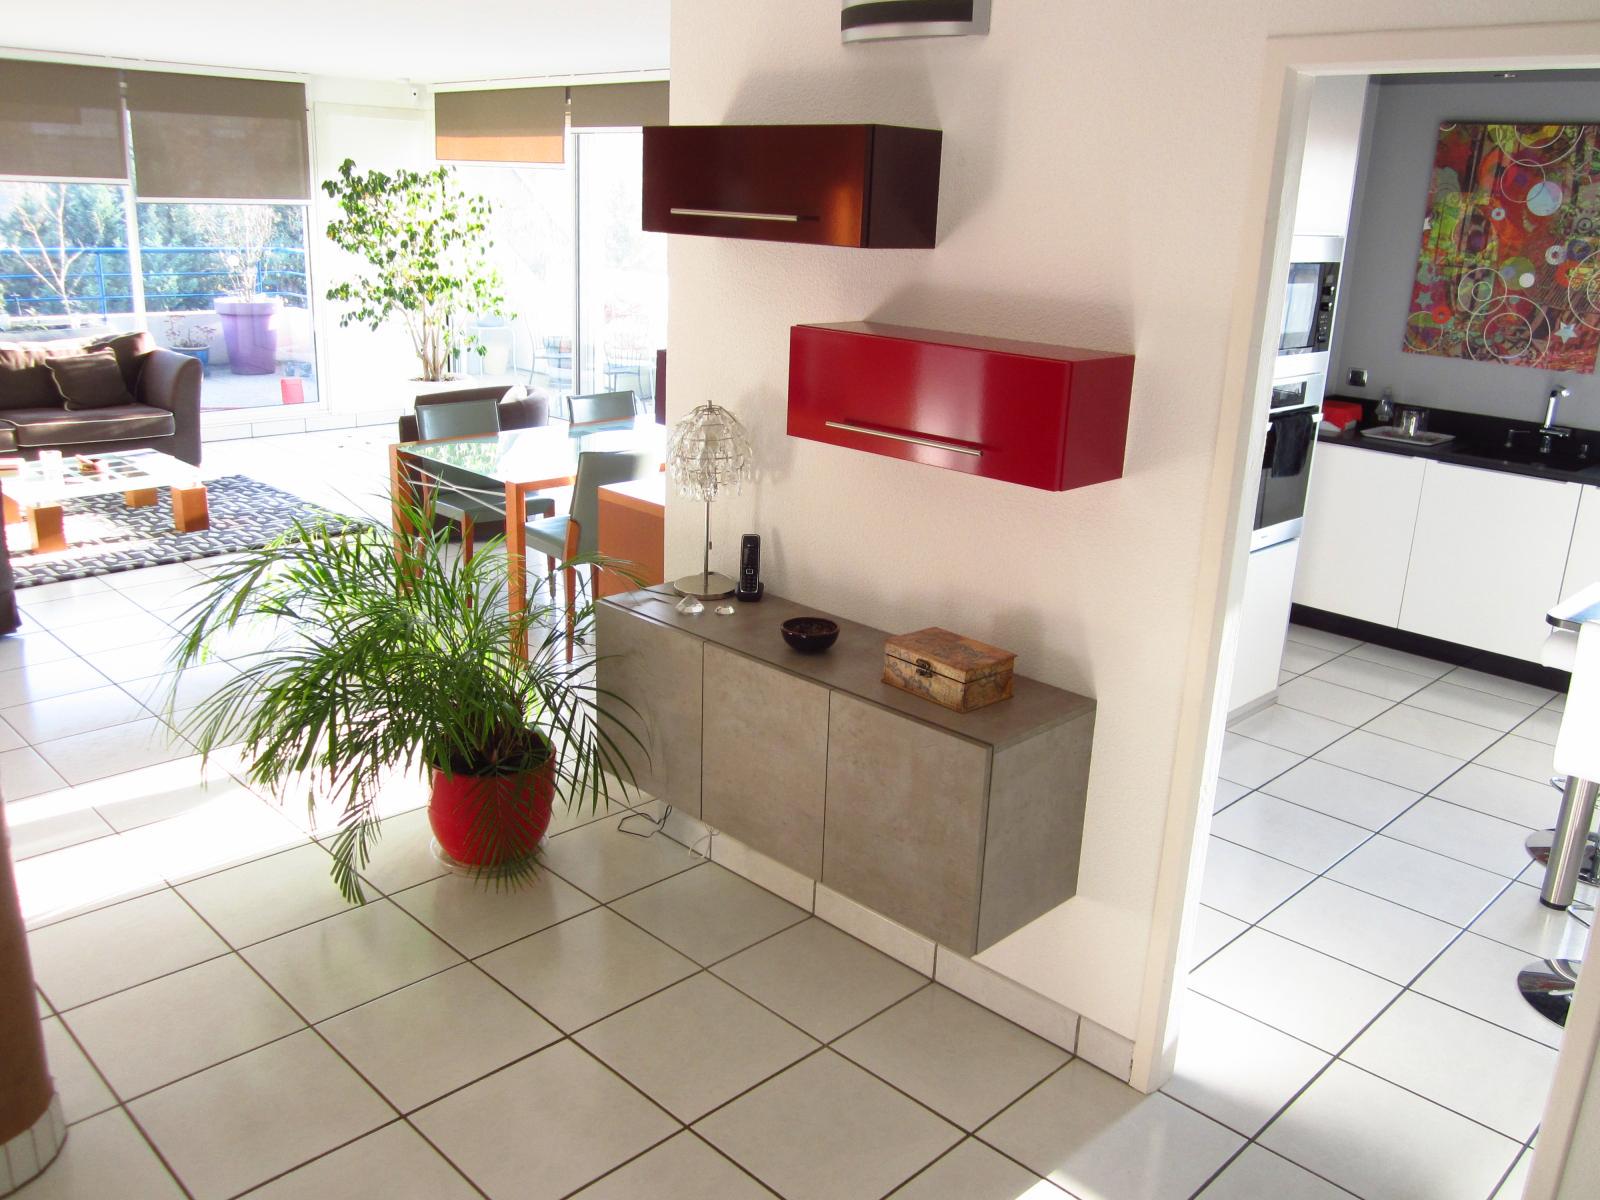 """EXCLUSIVITE St Julien-en-Genevois, vaste Appartement T4/5 duplex de 200 m² utiles résidence les Cyclades III... """"Magnifaïque"""" SOUS COMPROMIS"""